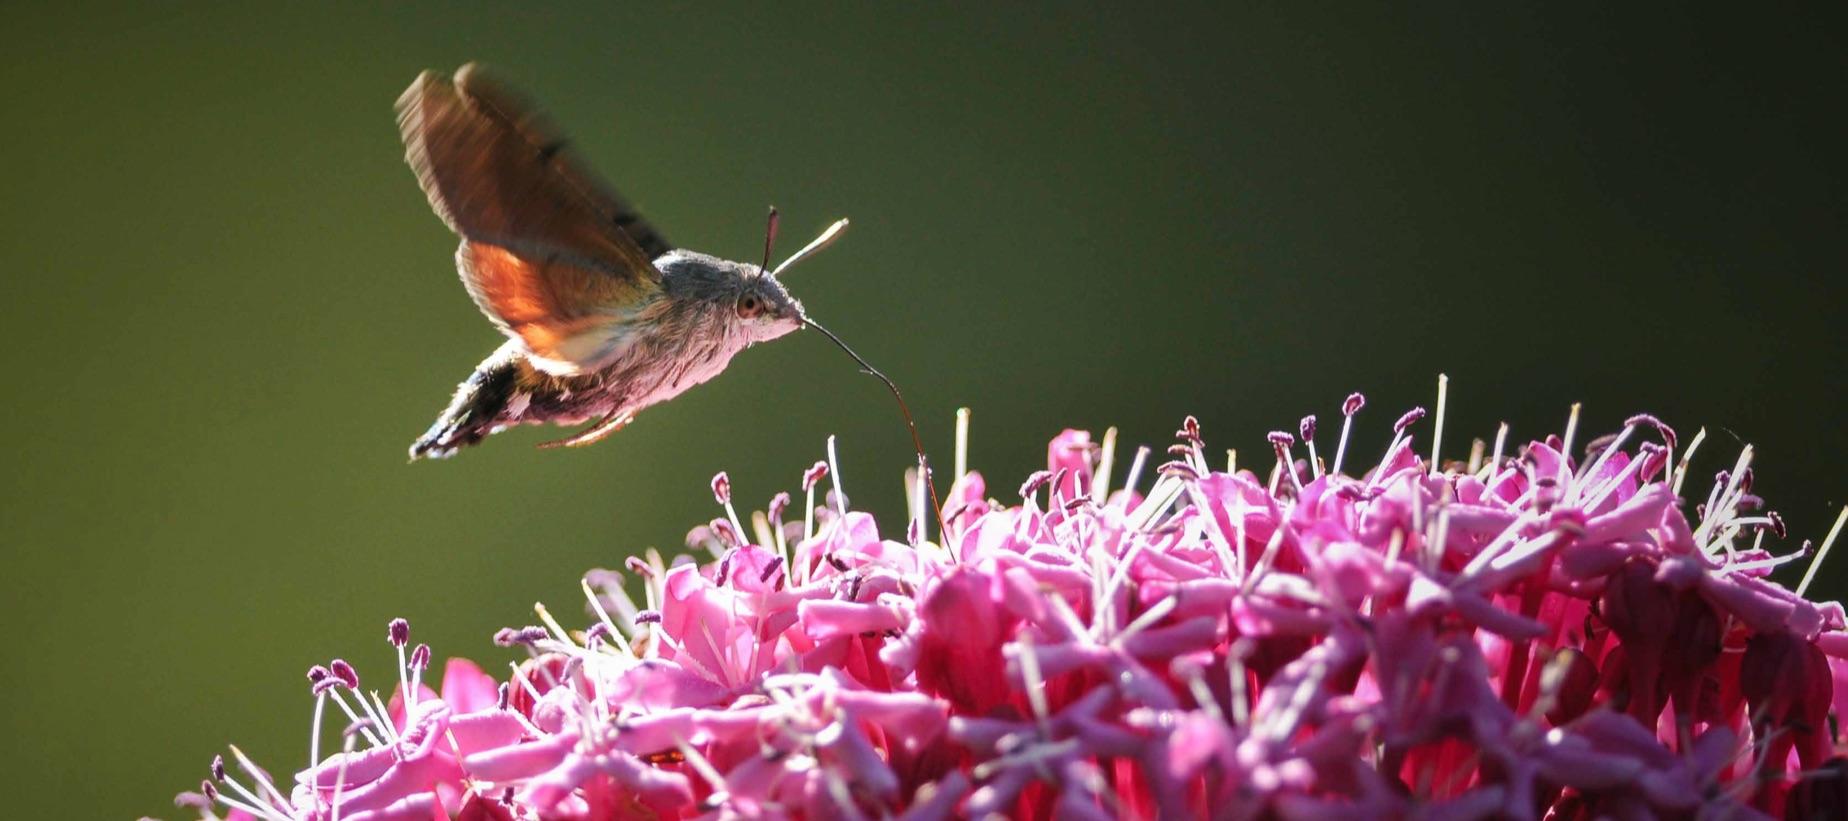 Le vol stationnaire du moro-sphinx (Macroglossum stellatarum), également appelé «sphinx colibri», permet à ce papillon de butiner sans se poser. © Philippe Dehérand